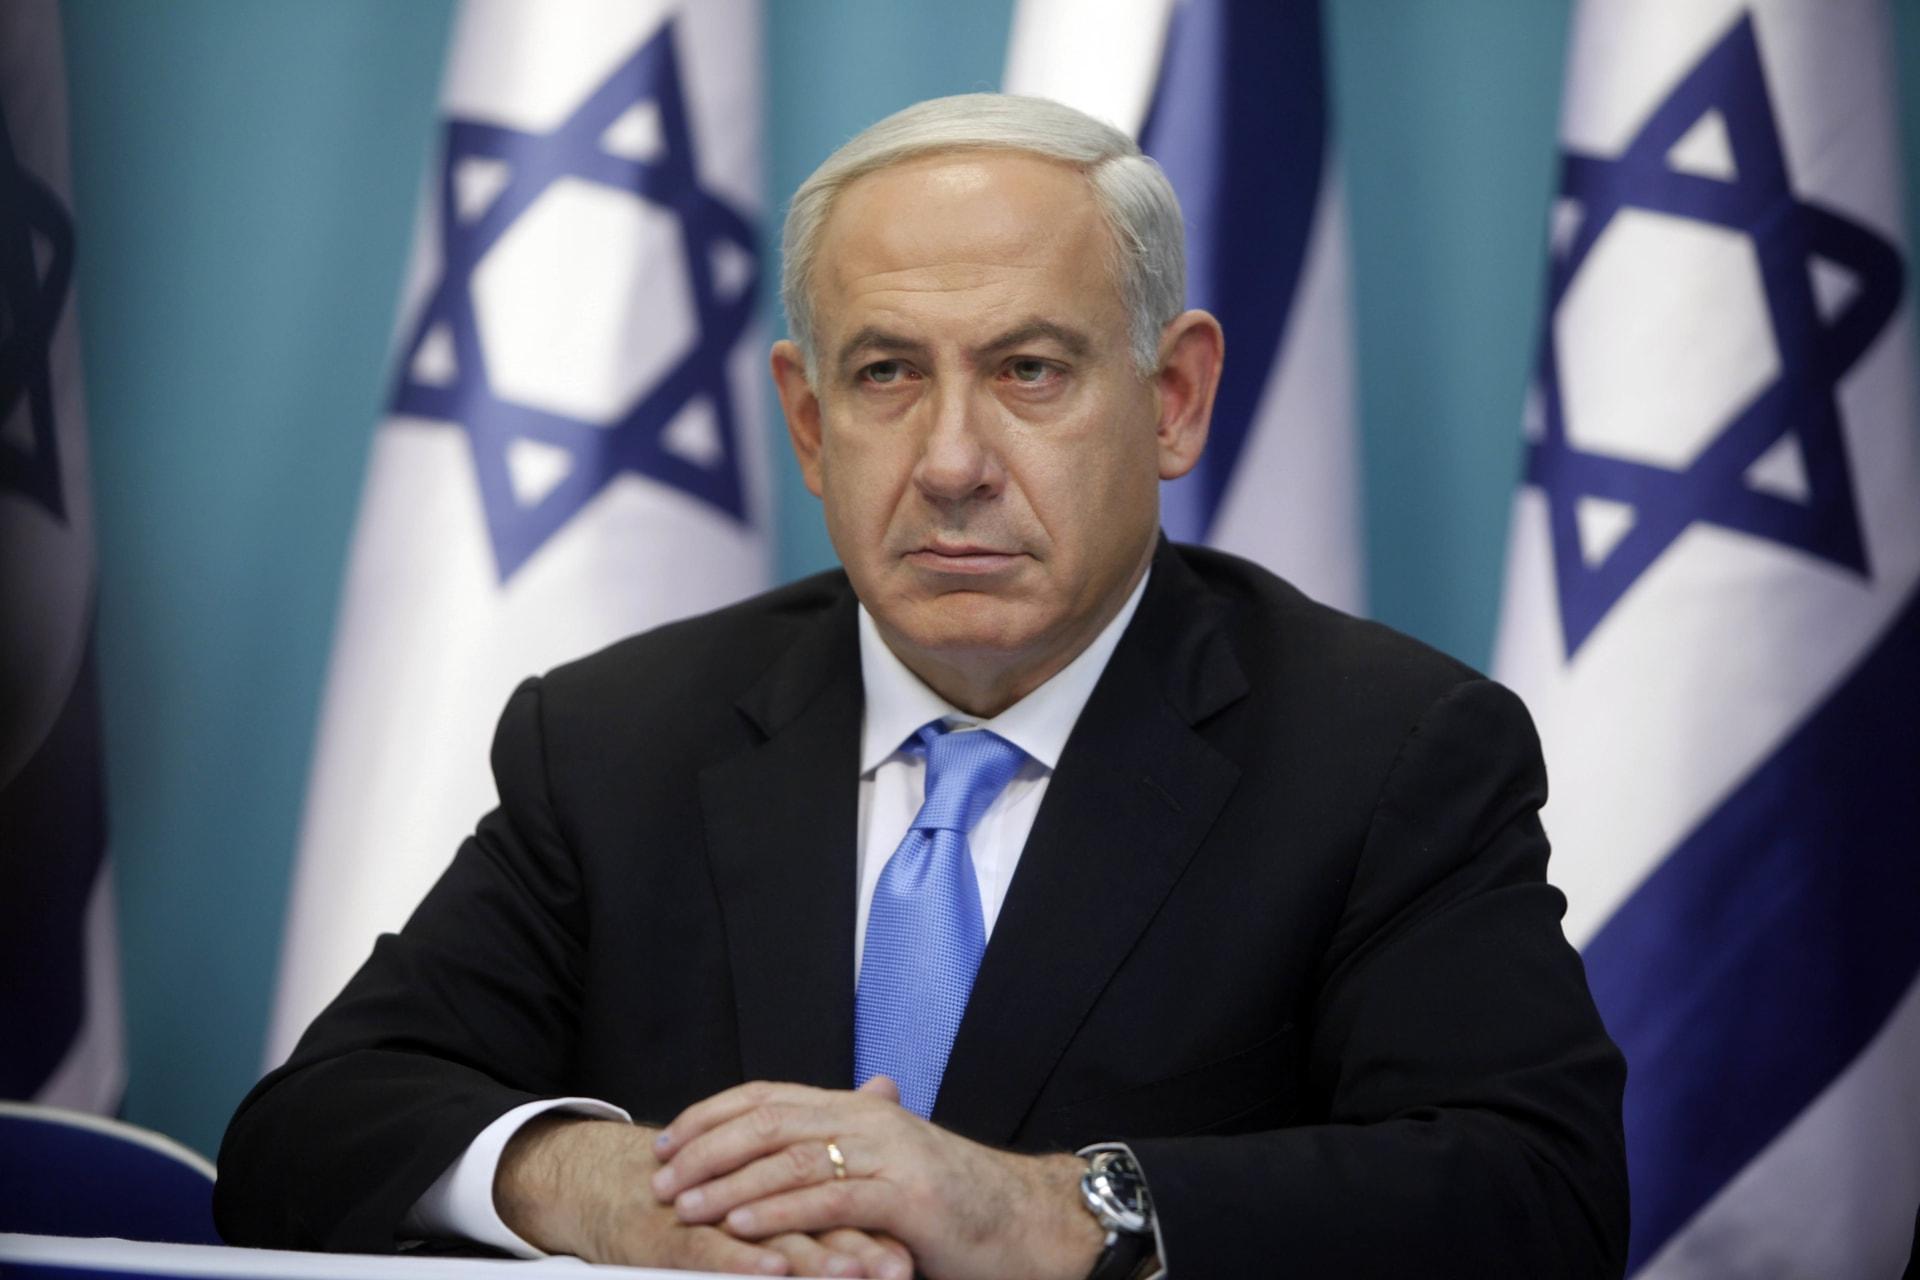 صورة أرشيفية لرئيس الوزراء الإسرائيلي، بنيامين نتنياهو